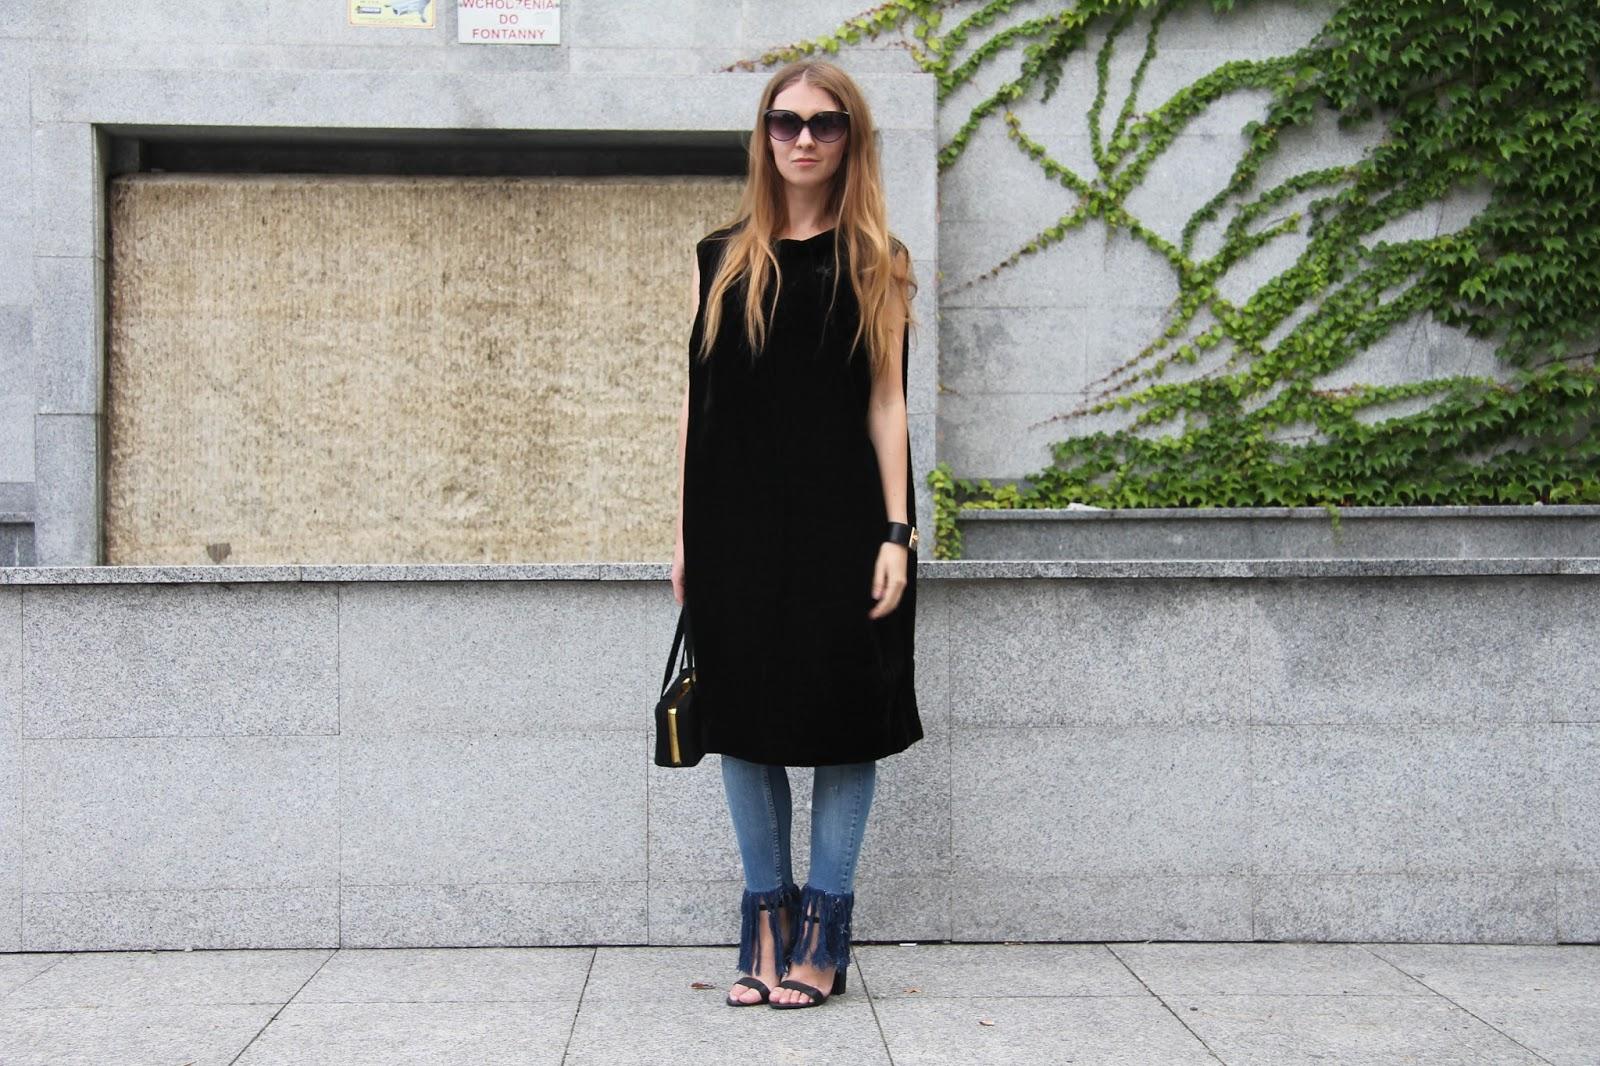 black dress over jeans